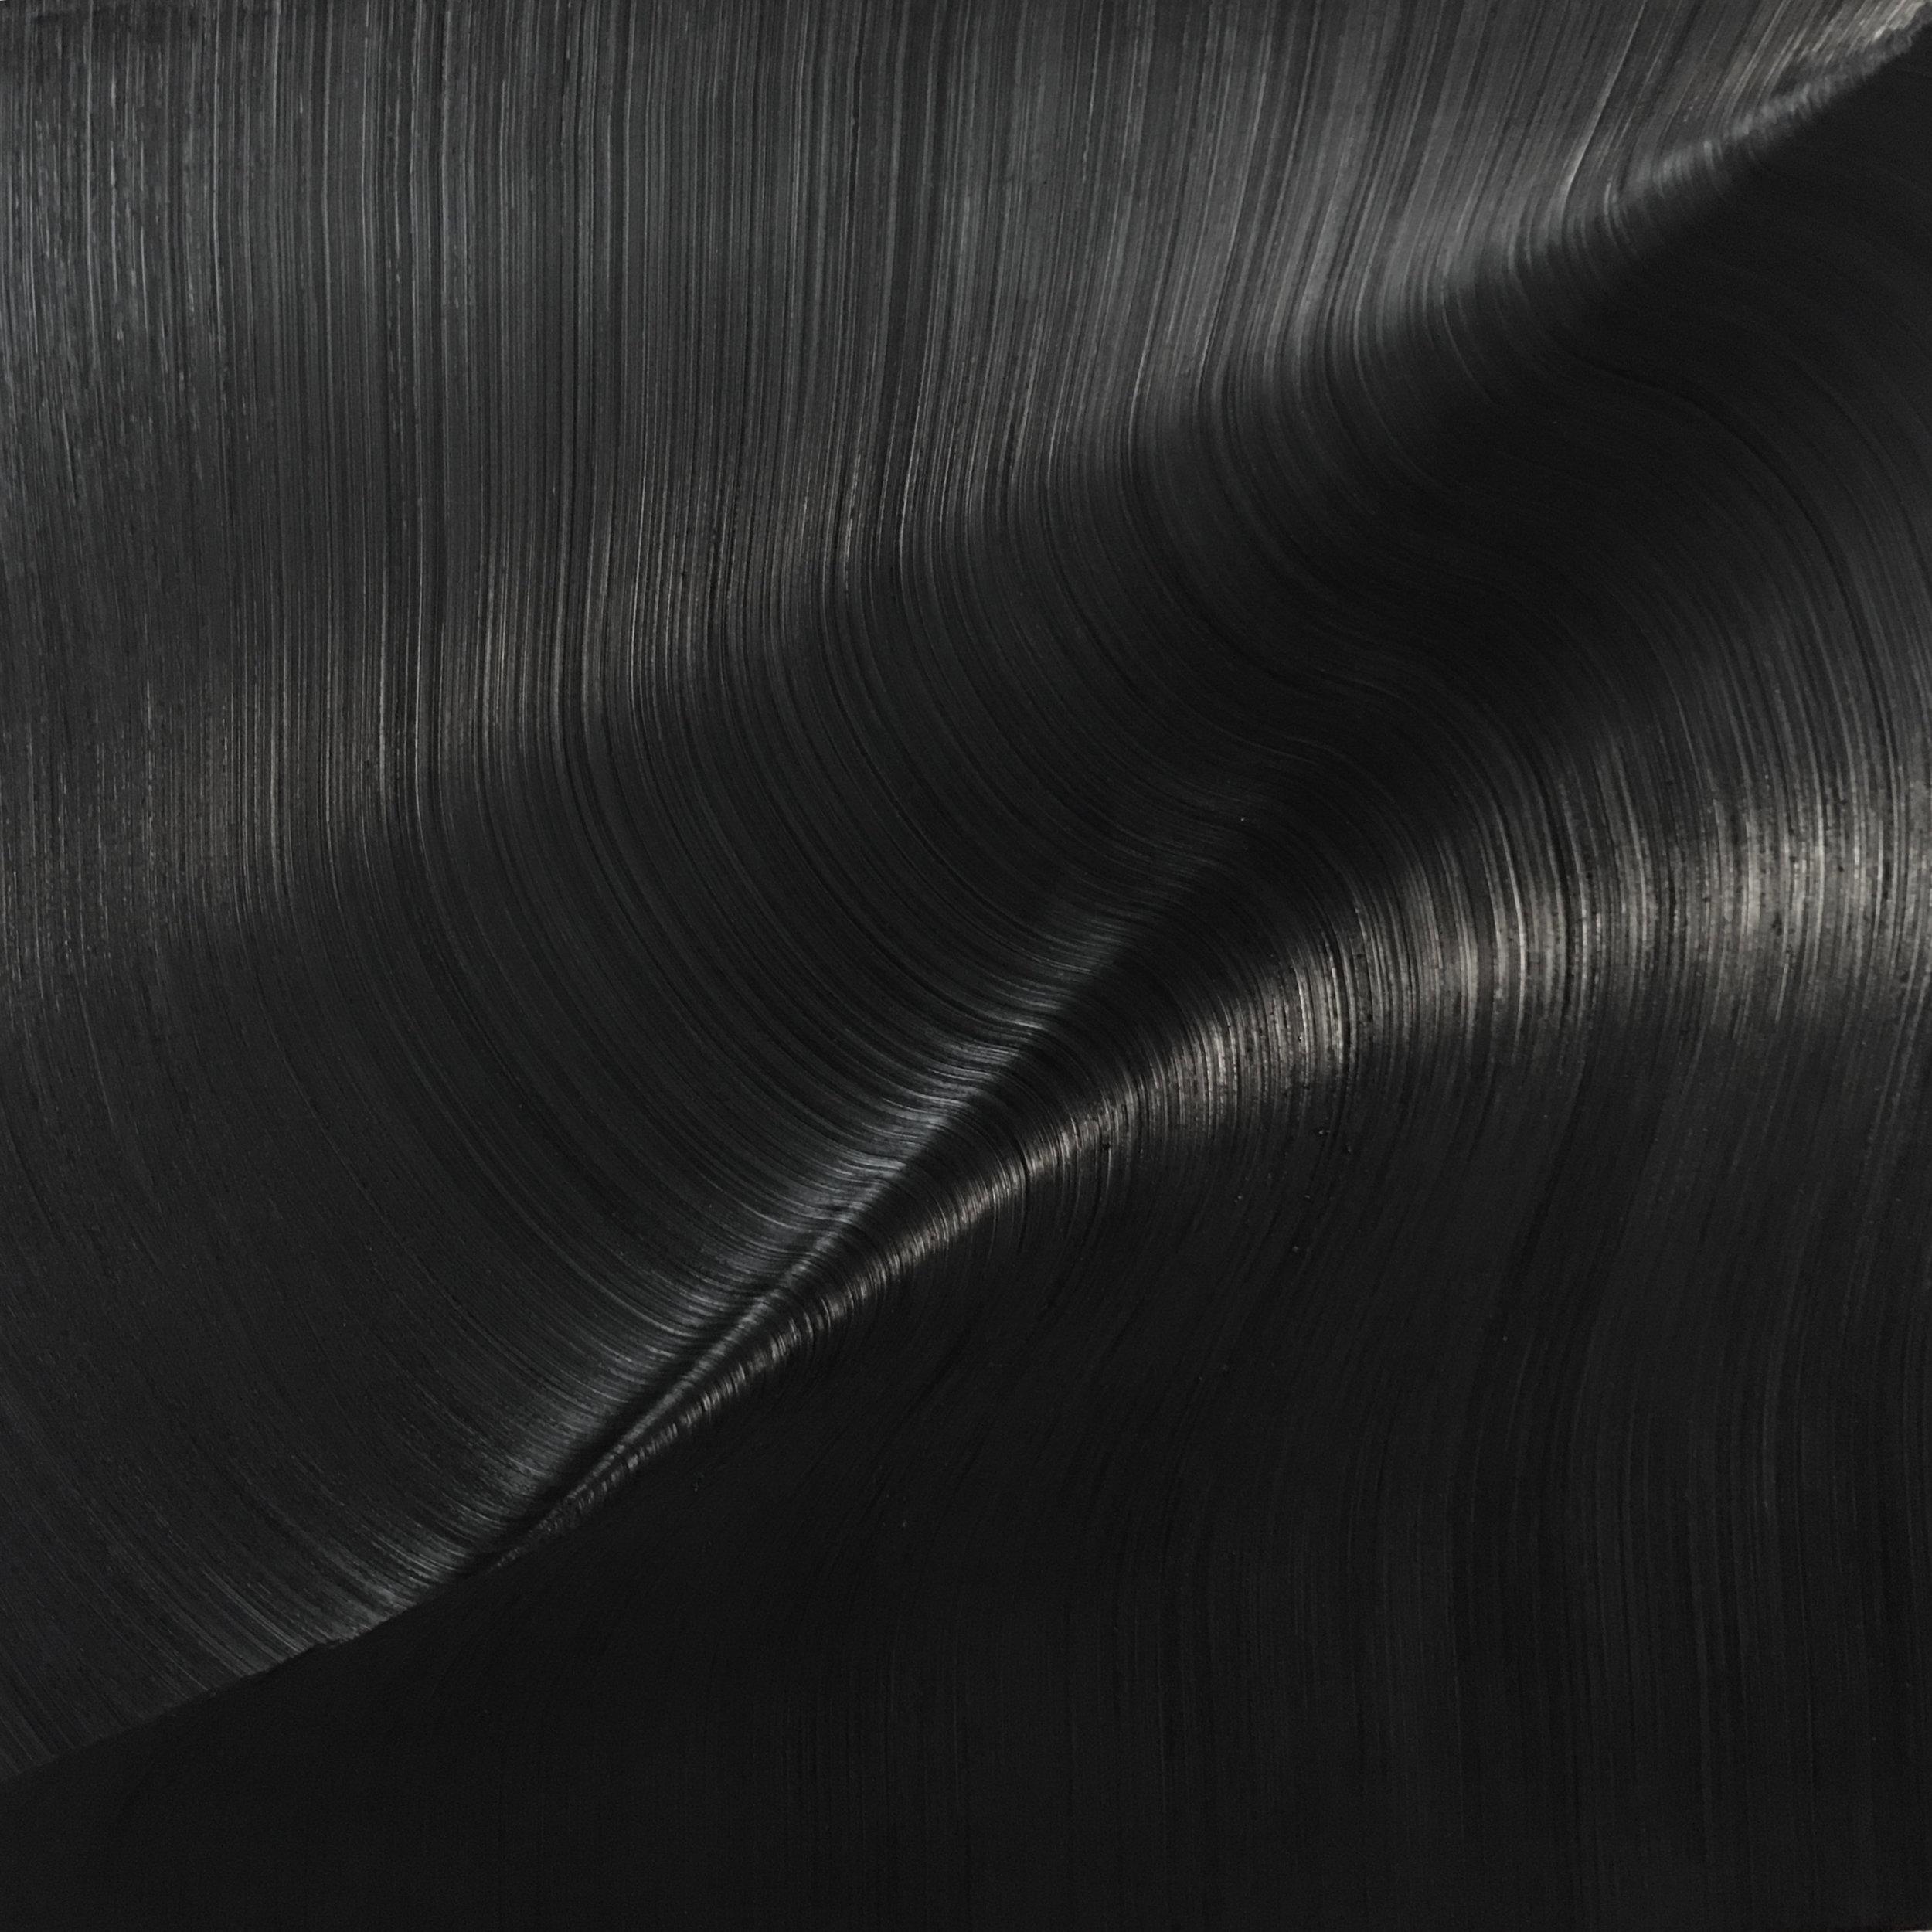 JamesAustinMurray72-Sound of that sound, 2017.jpg